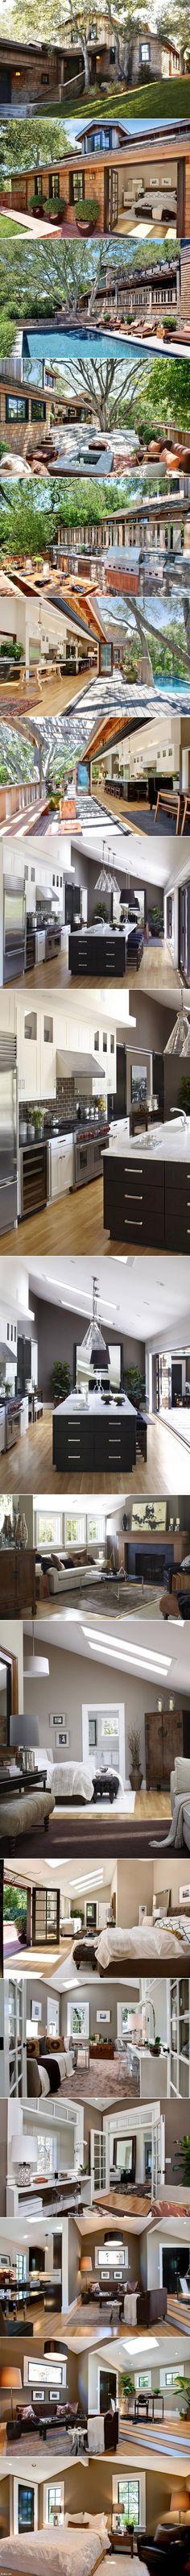 Ralston Avenue Residence by Urrutia Design | HomeDSGN